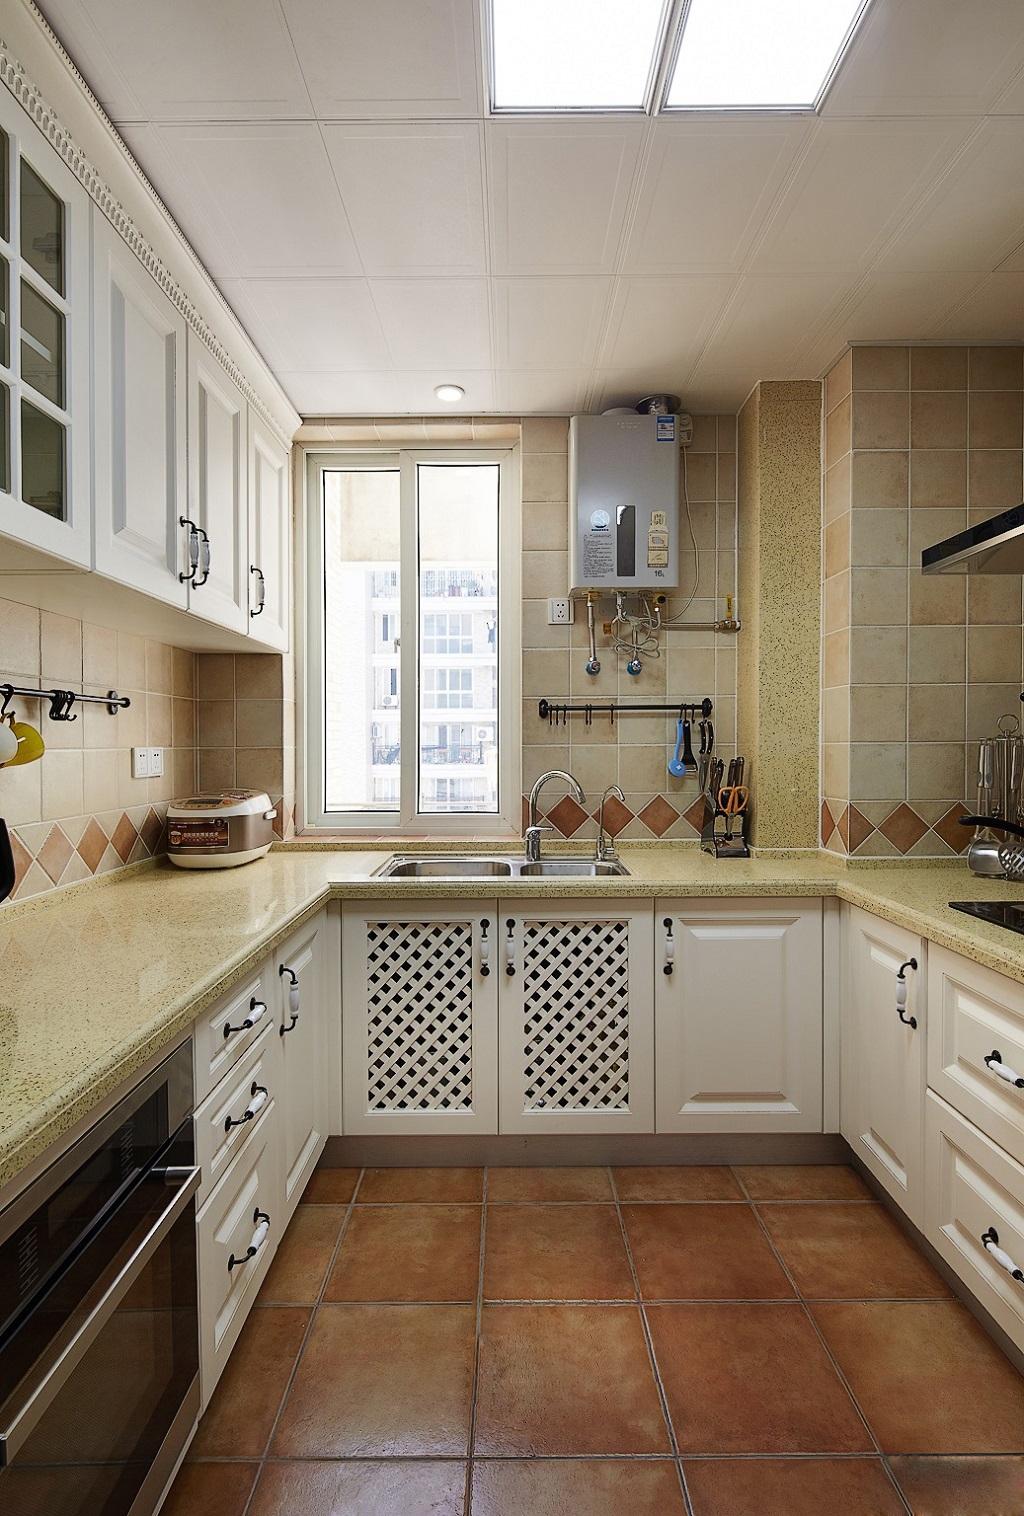 美式 厨房图片来自安豪装饰在华 润 橡 树 湾的分享